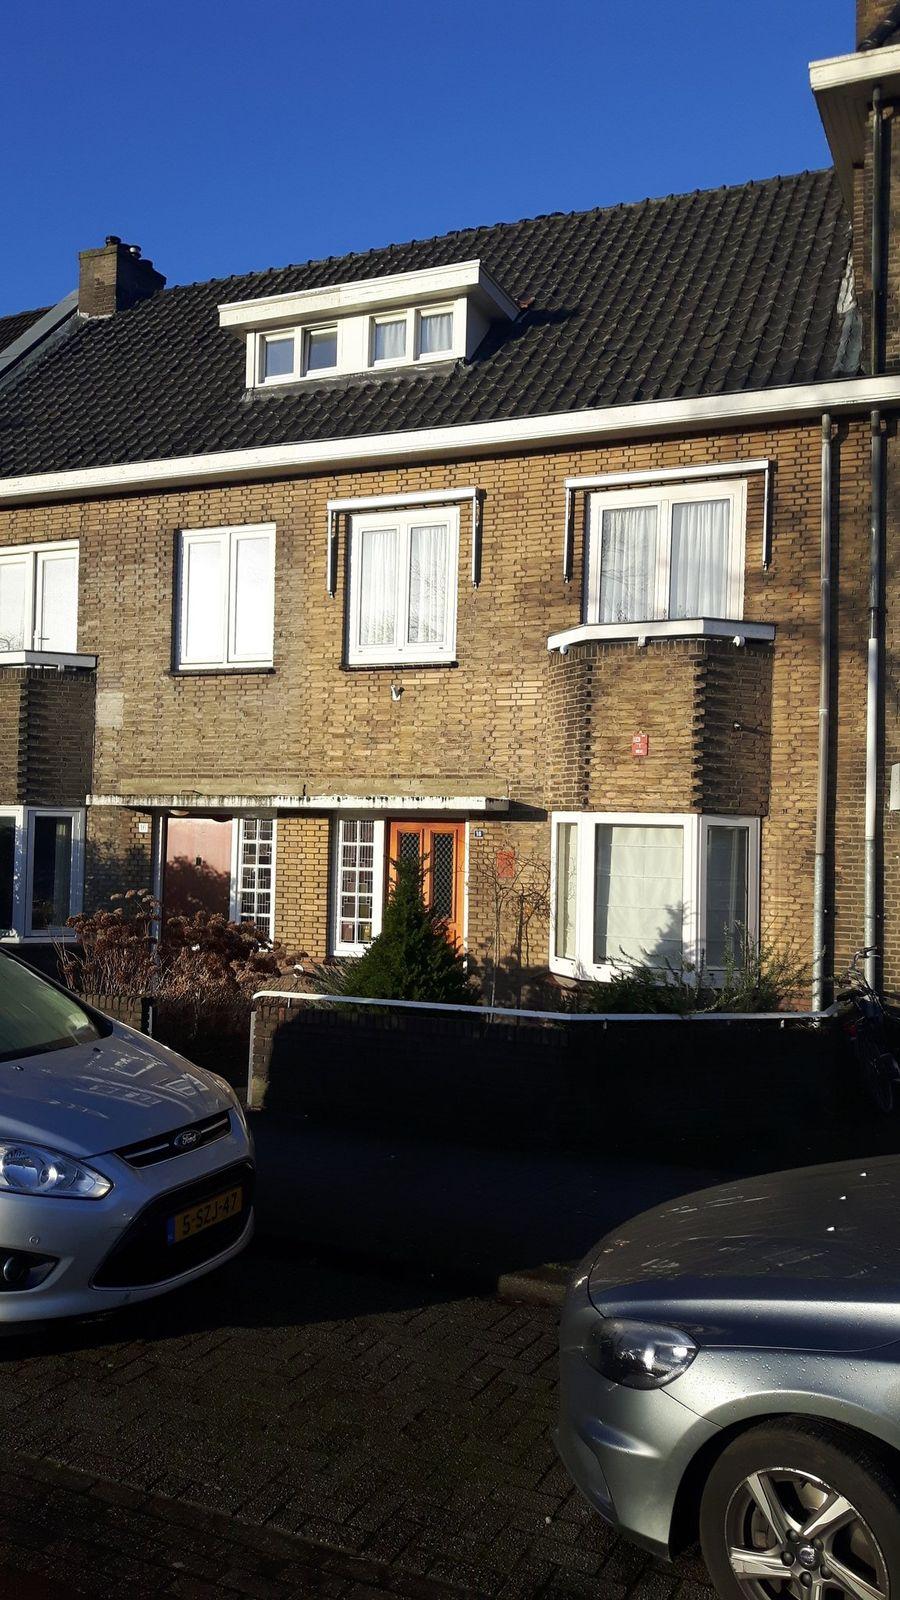 Orthenseweg 18, 's-hertogenbosch